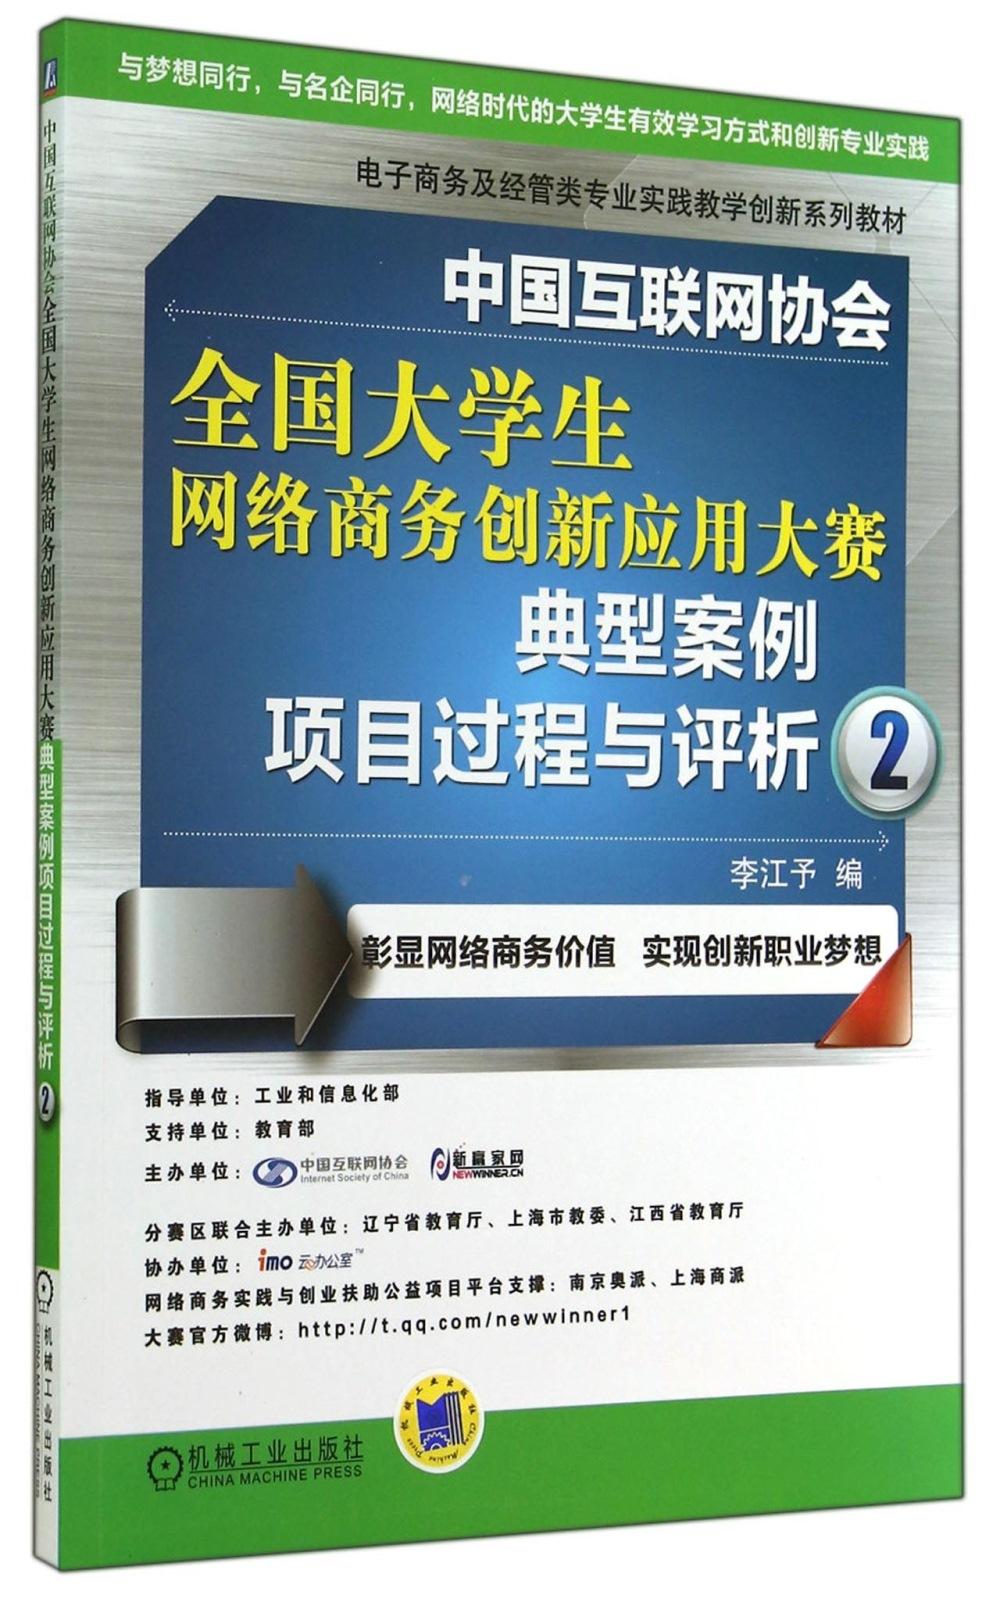 中國互聯網協會全國大學生網絡商務創新應用大賽典型案例項目過程與評析.2